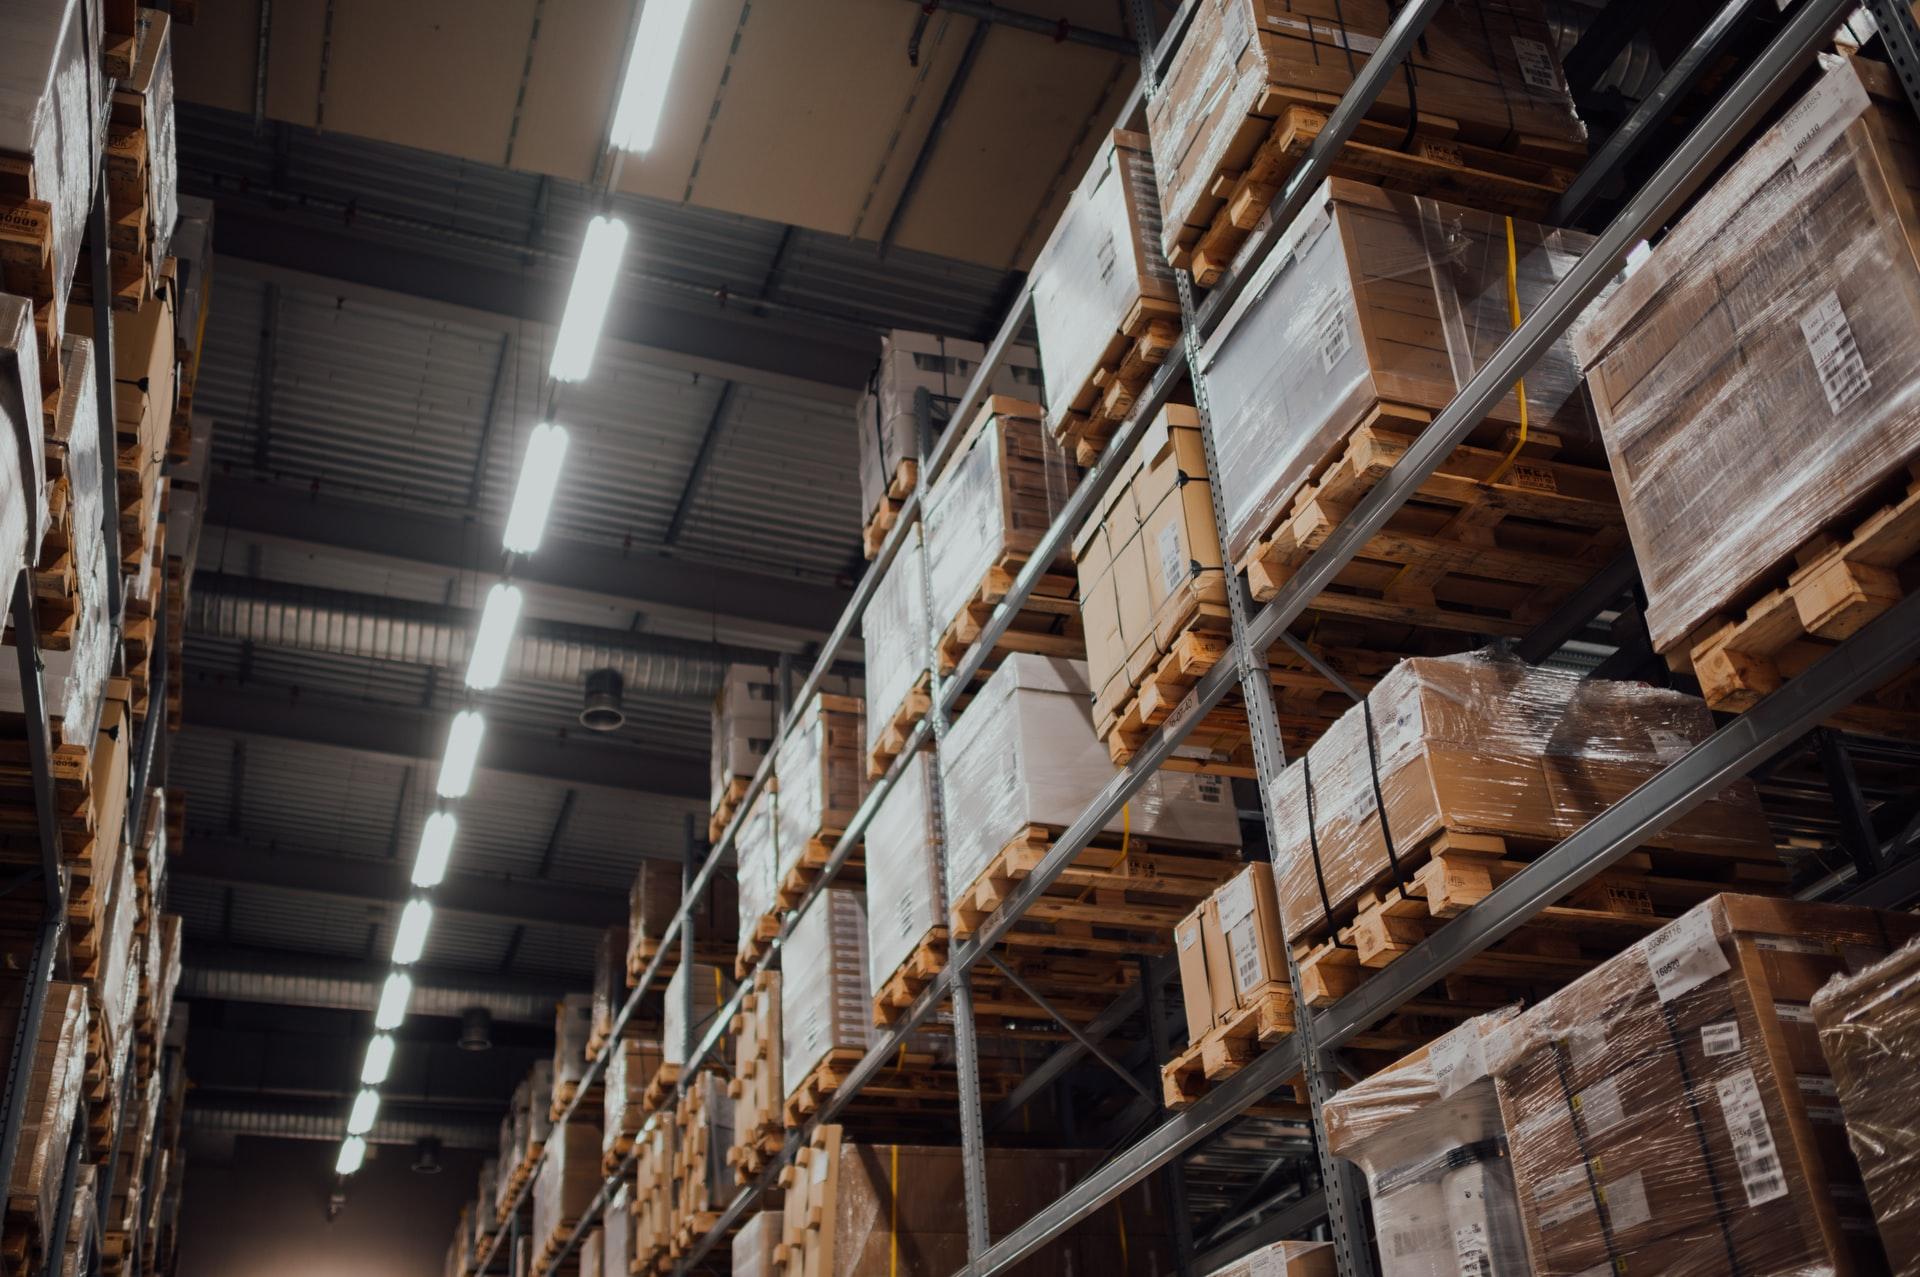 amazon wholesale business model - AmazinEcommerce.com